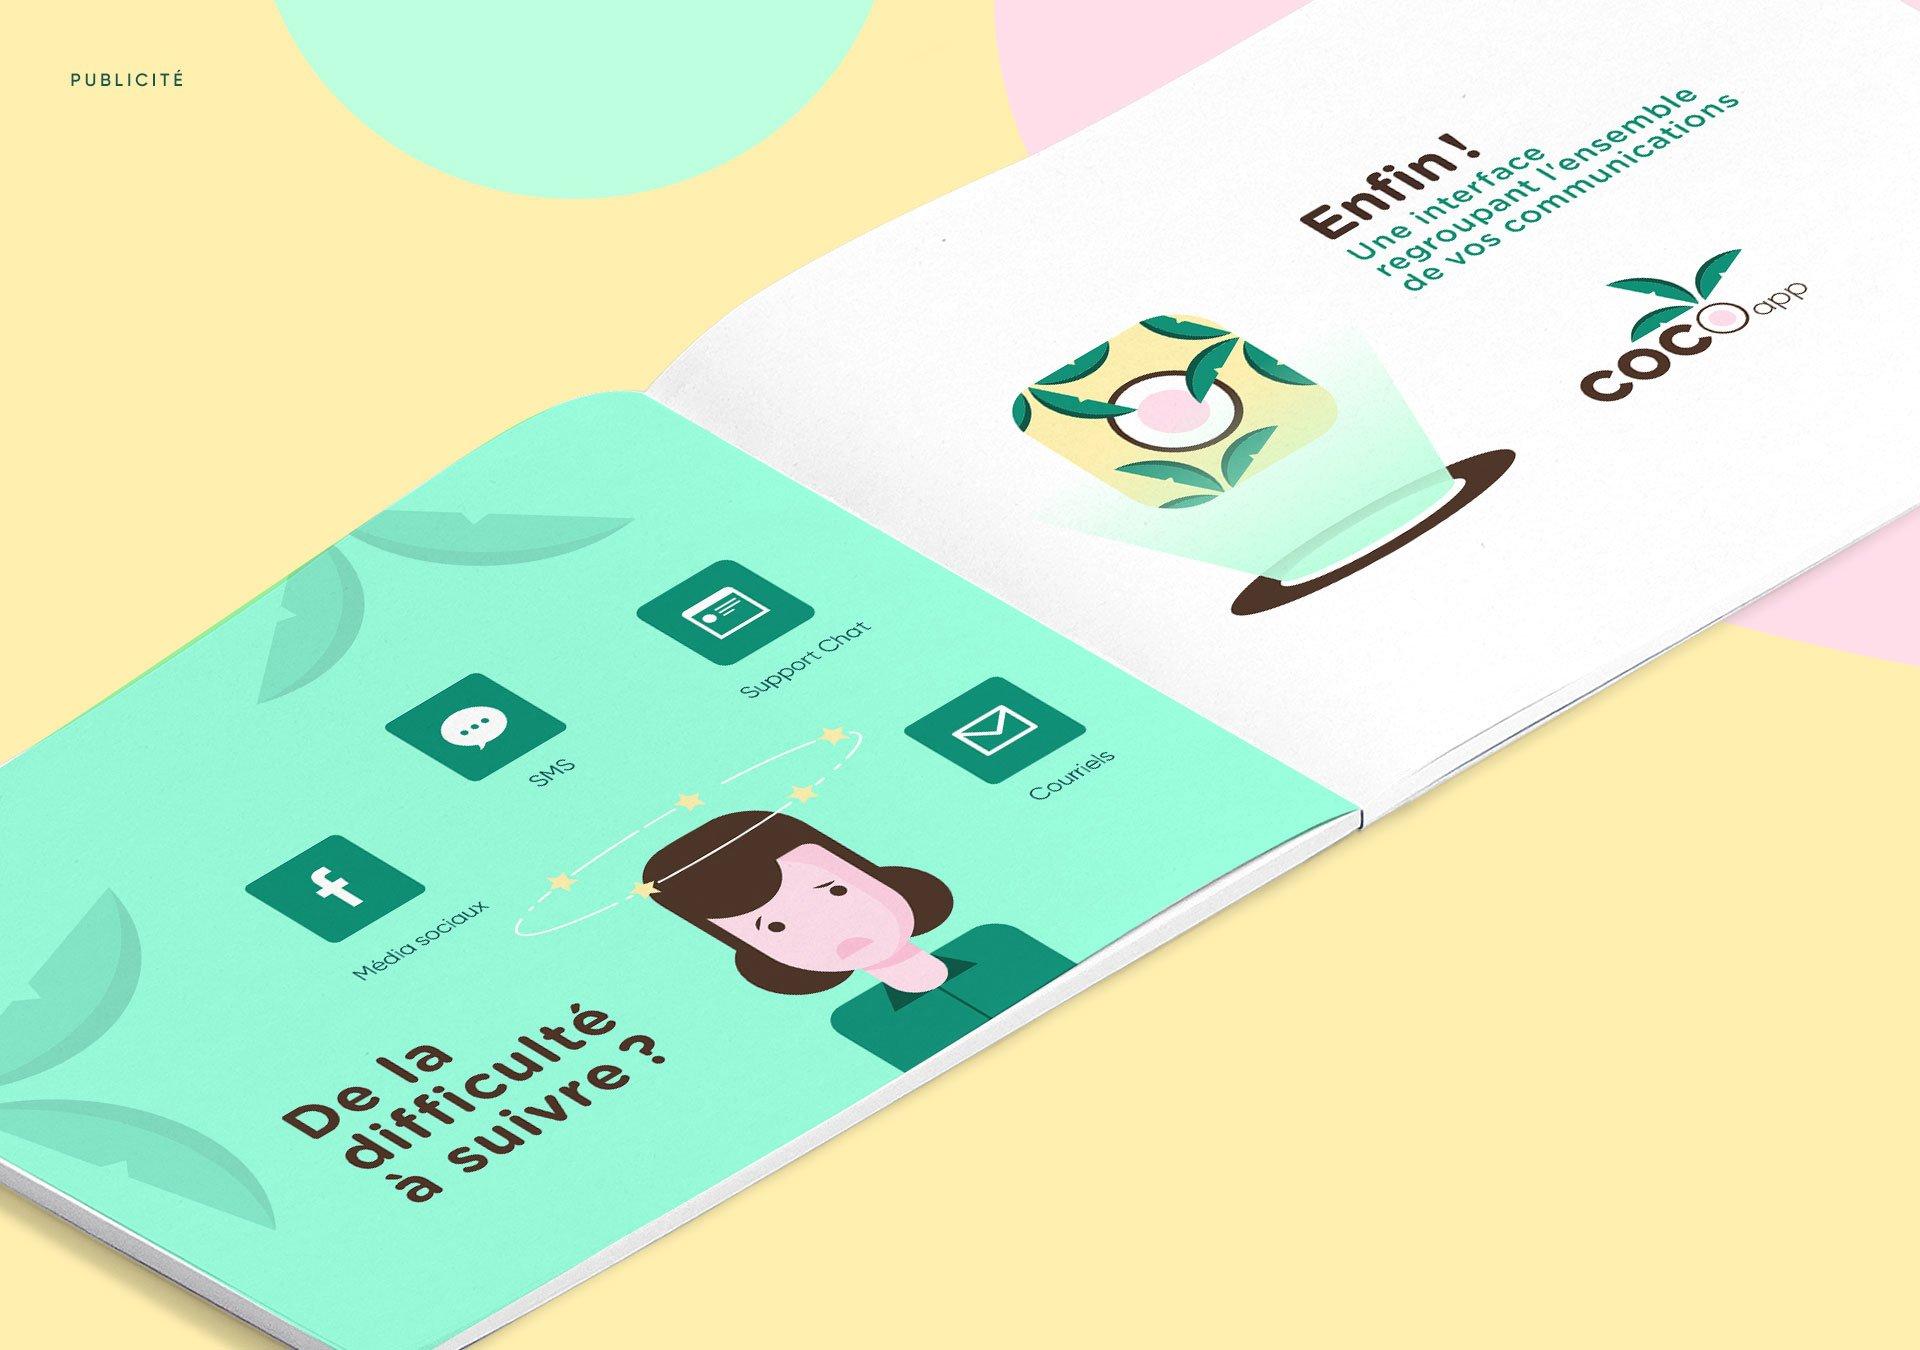 web design app publicity print Identité visuelle